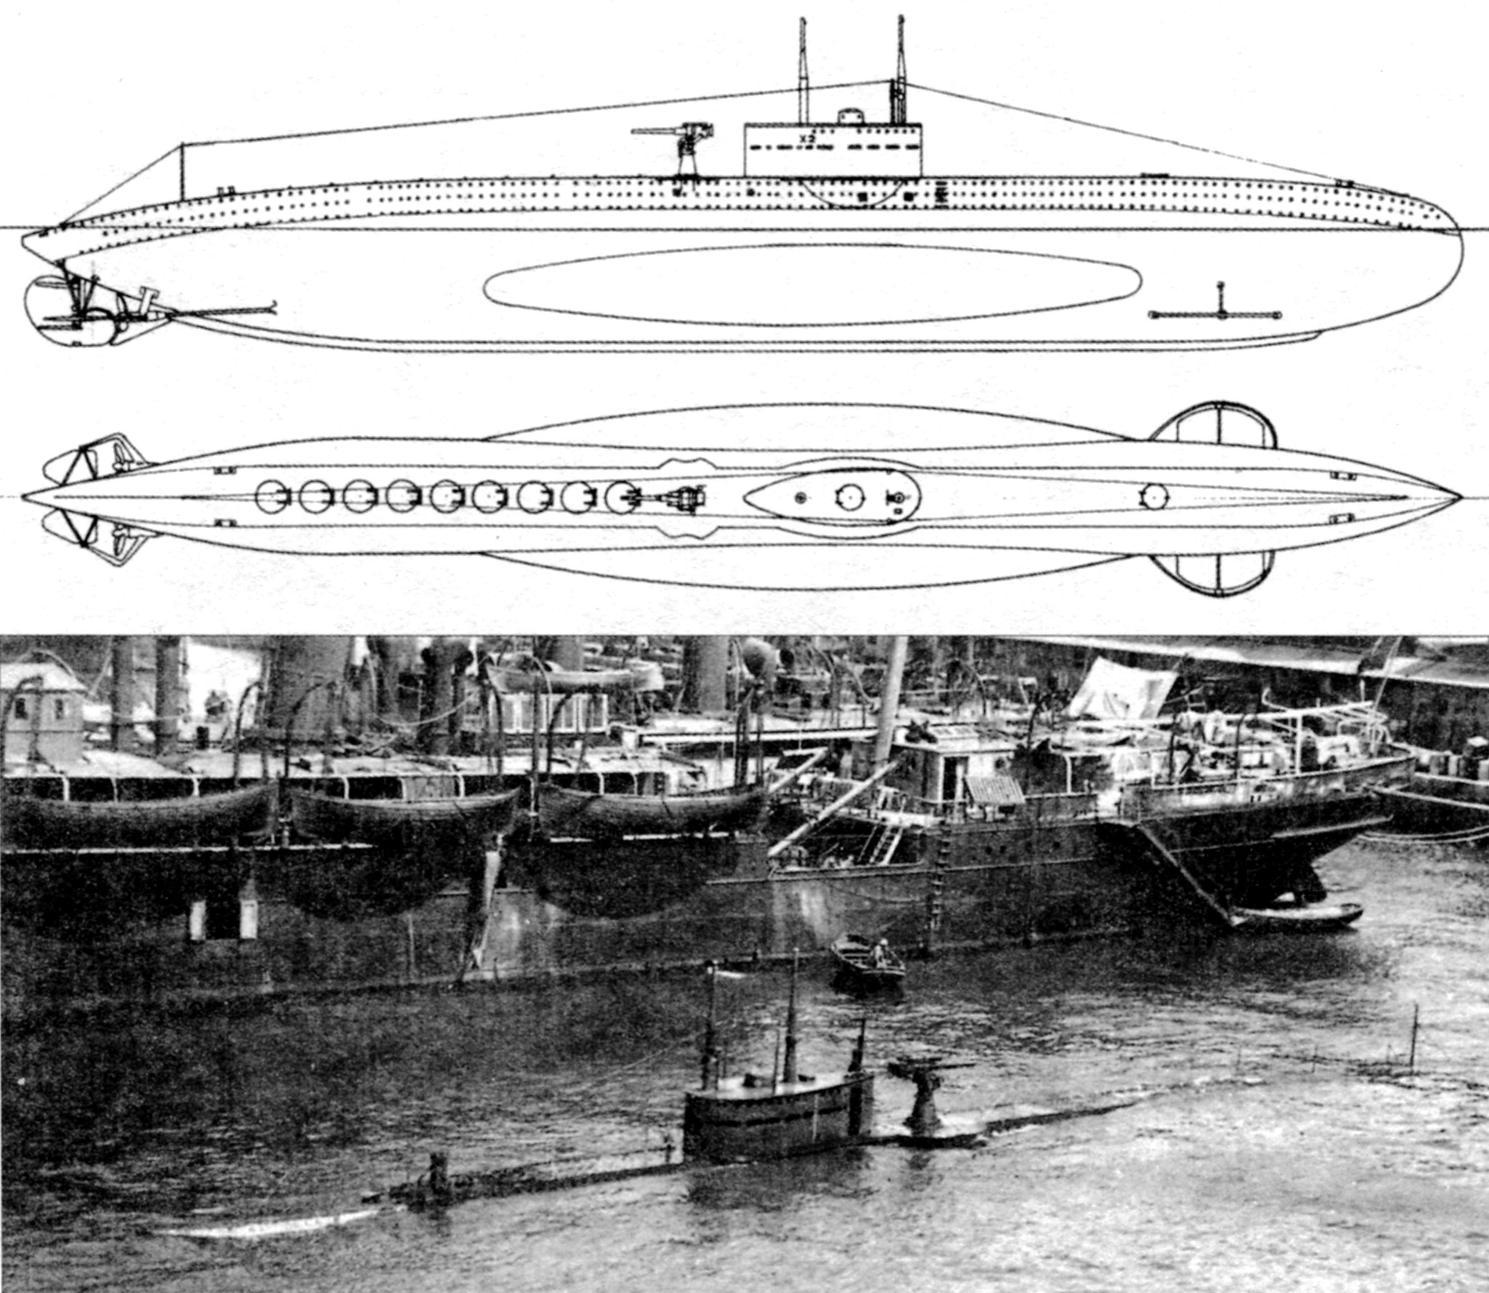 Подводный заградитель «Х-2», Италия, 1918 г.